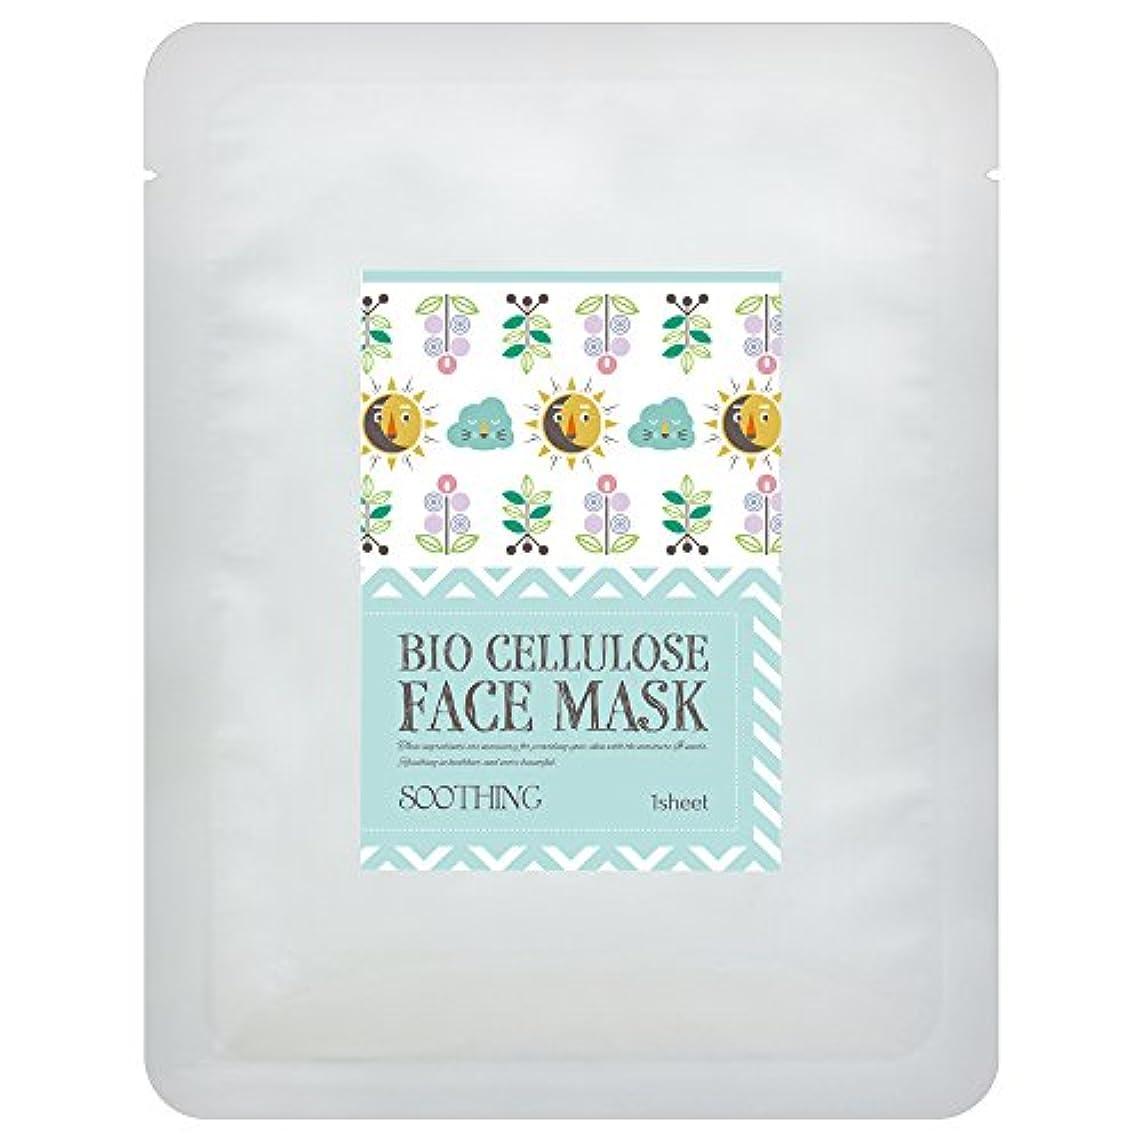 下品前兆キャベツ日本製バイオセルロース フェイスマスク SOOTHING(引き締め) 1枚